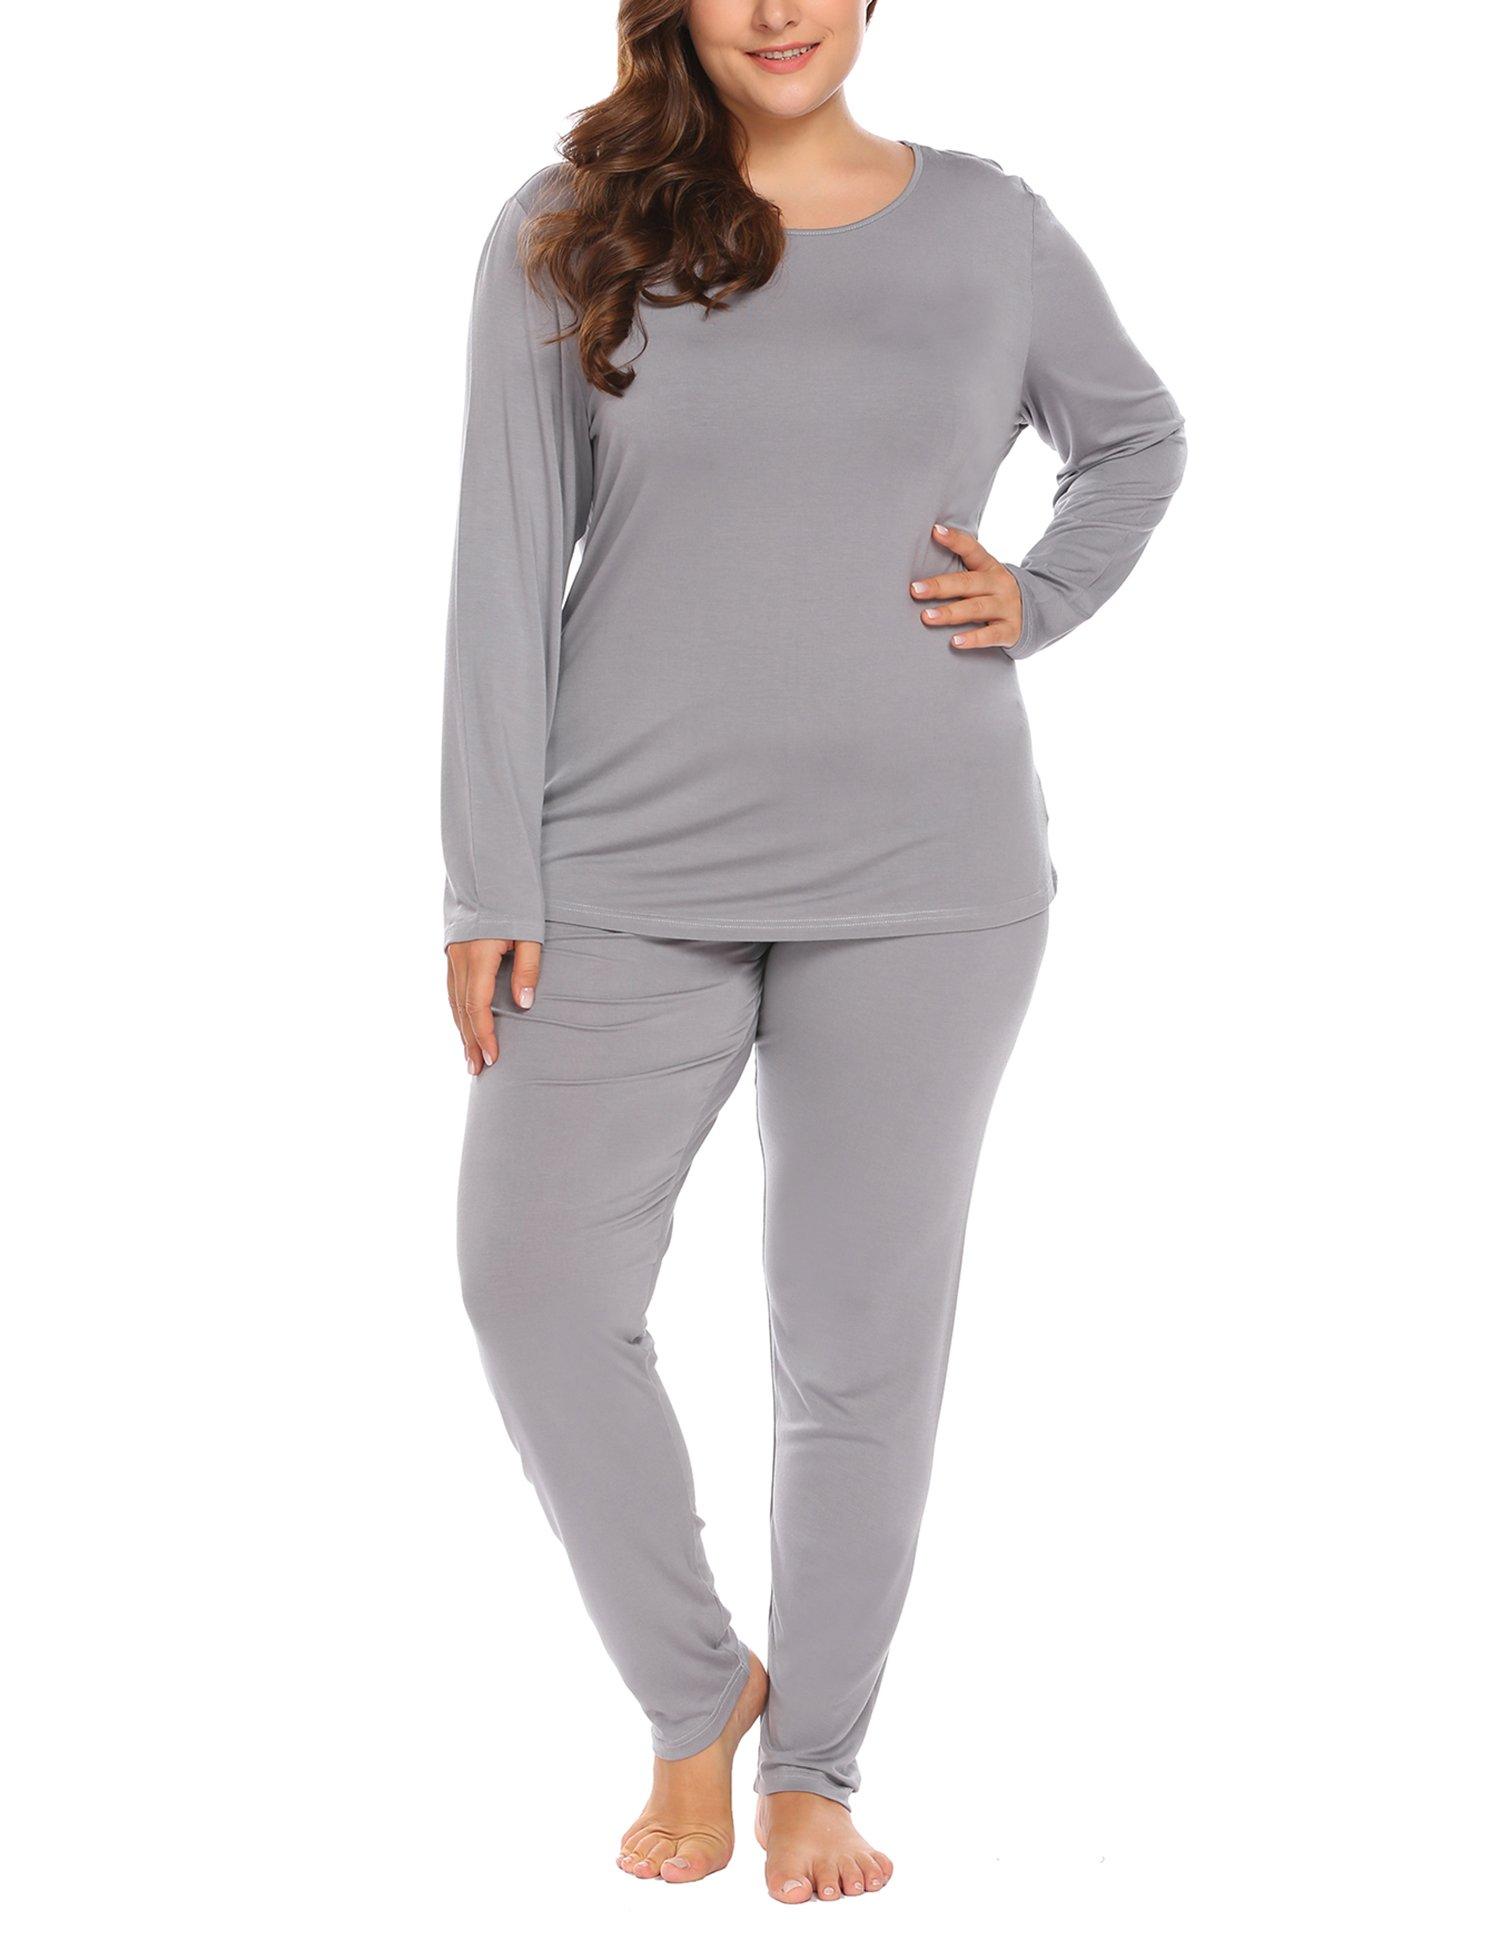 Women's Plus Size Thermal Long Johns Sets 2 Pcs Underwear Top & Bottom Pajama XL-10XL